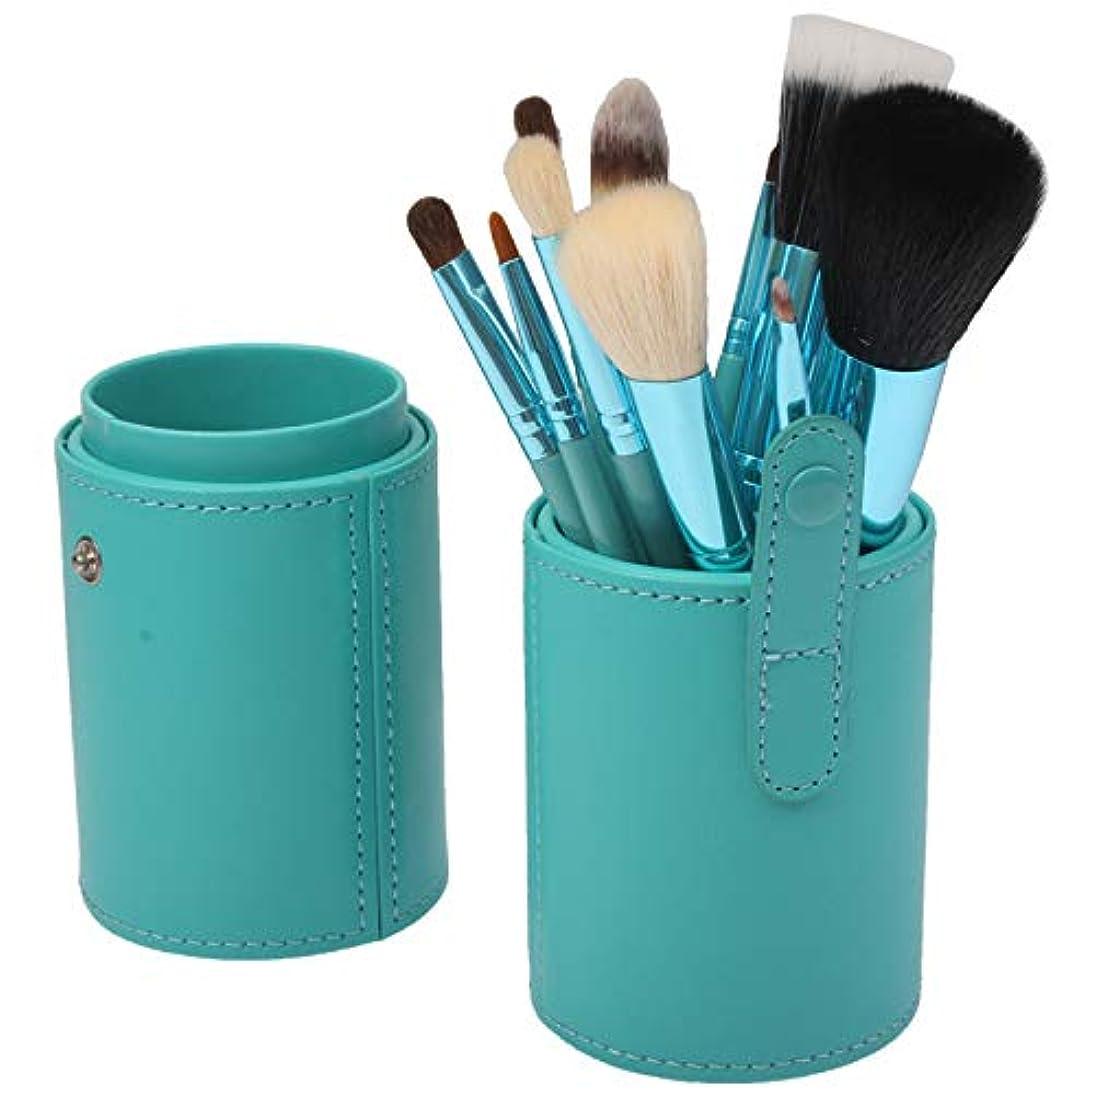 ダルセット輝く札入れMEI1JIA キャリングケースPUレザーカップとQUELLIA 12 PCSプロフェッショナルメイクアップブラシセット美容キットの化粧品(グリーン)